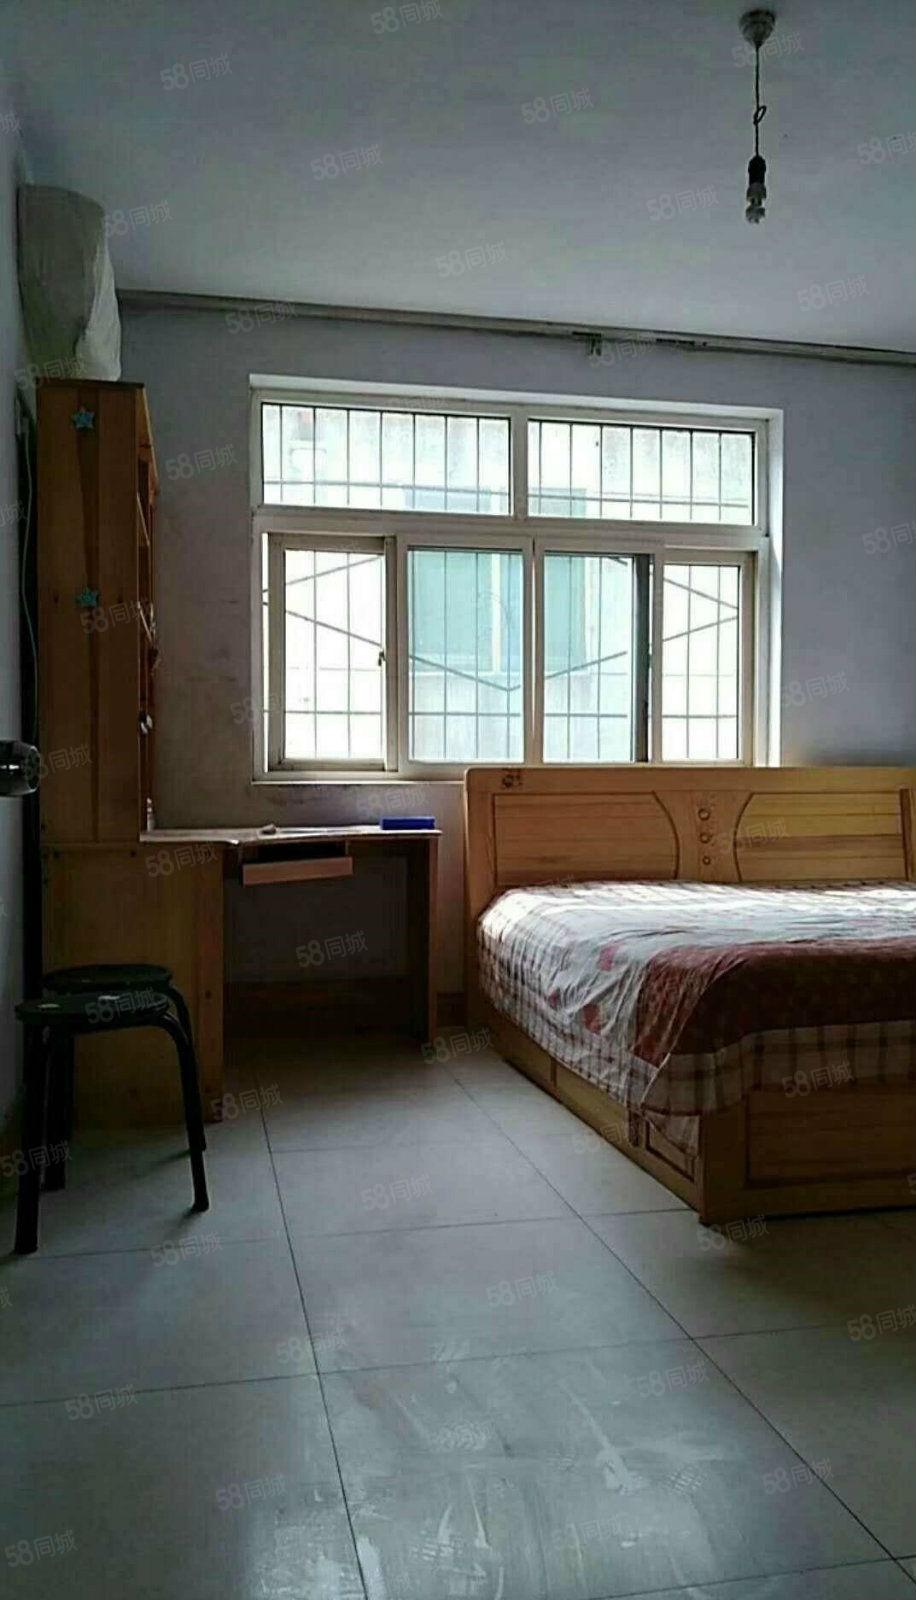 利民小区二楼两室朝阳拎包入住东湖迎春南关南湖